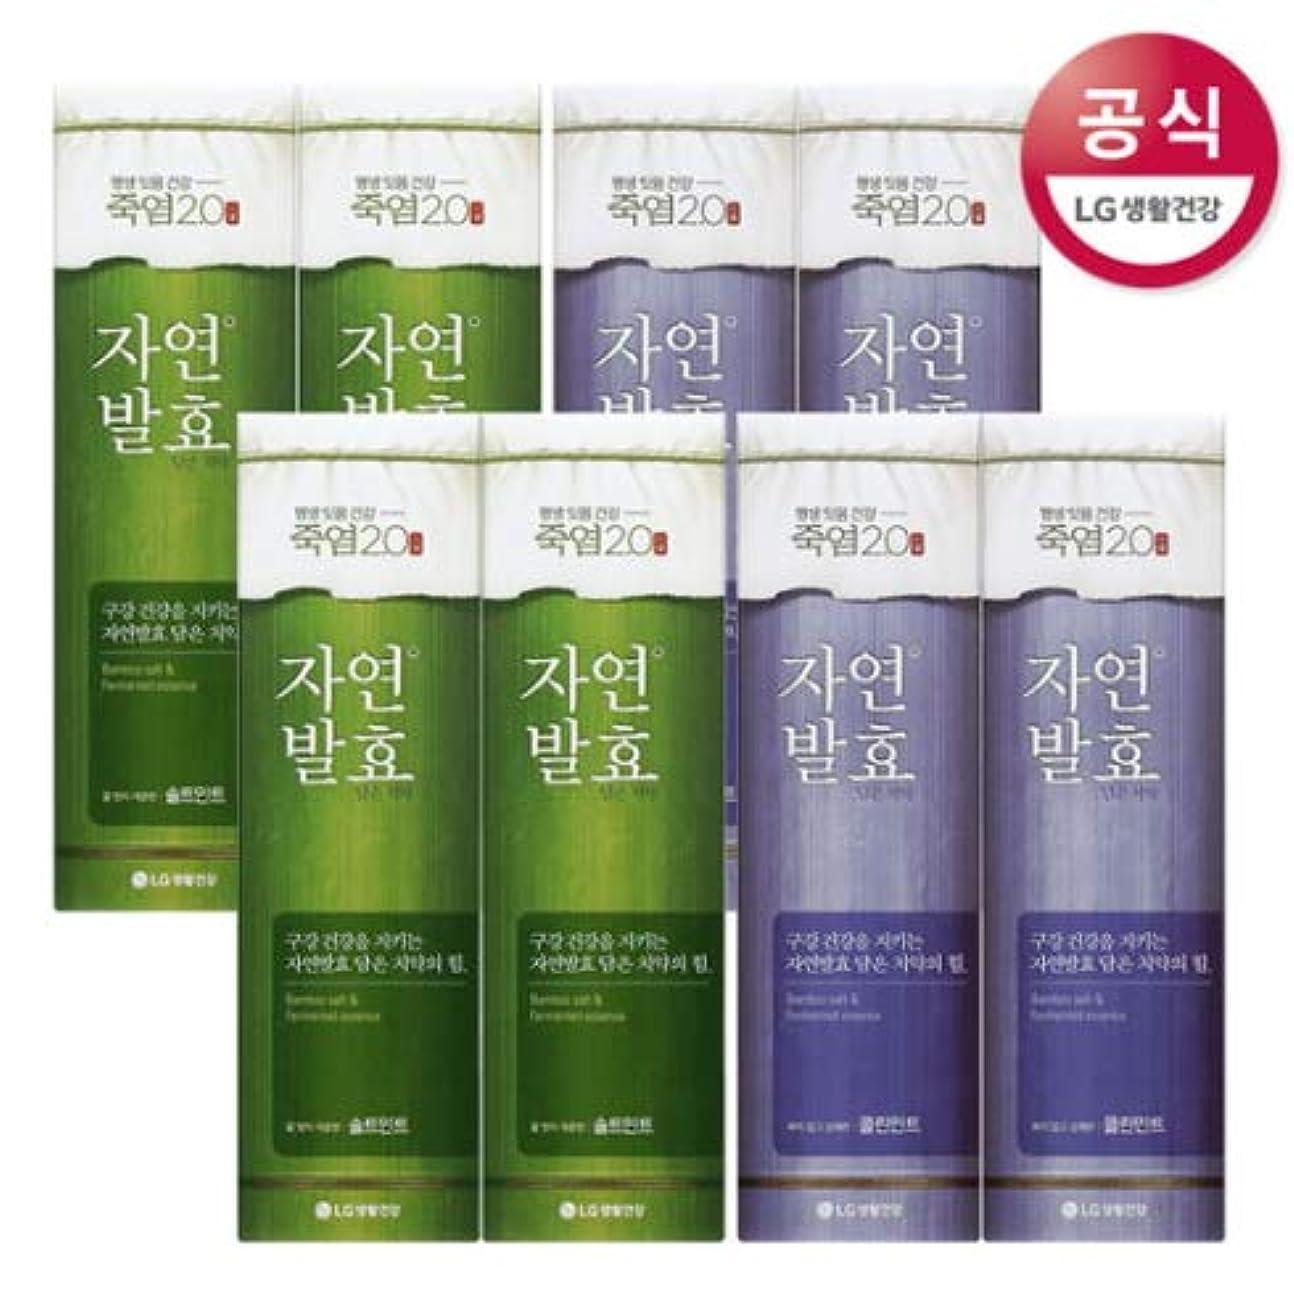 消防士いらいらする無駄だ[LG HnB] Bamboo salt natural fermentation toothpaste/竹塩自然発酵入れた歯磨き粉 100gx8個(海外直送品)